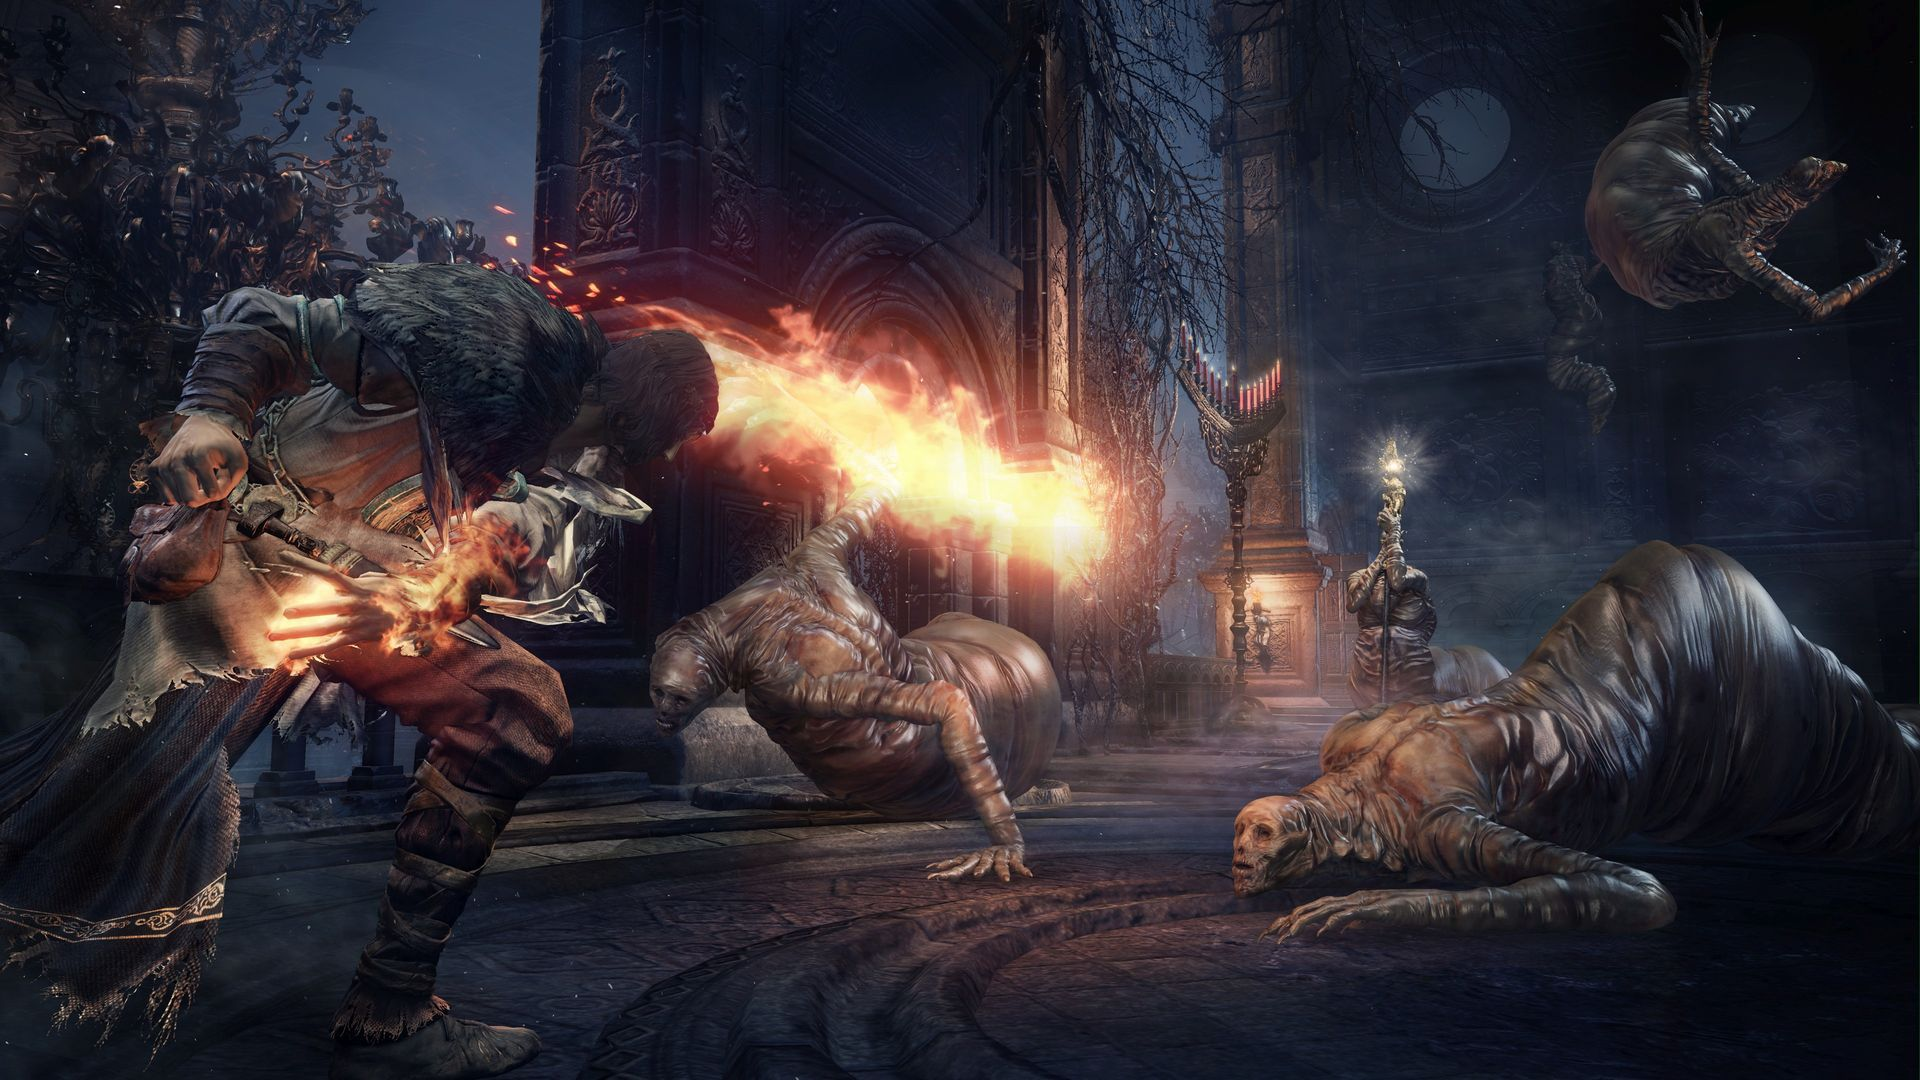 matchmaking en ligne Dark Souls 2 wikidot rencontres en ligne de couple dévotionals